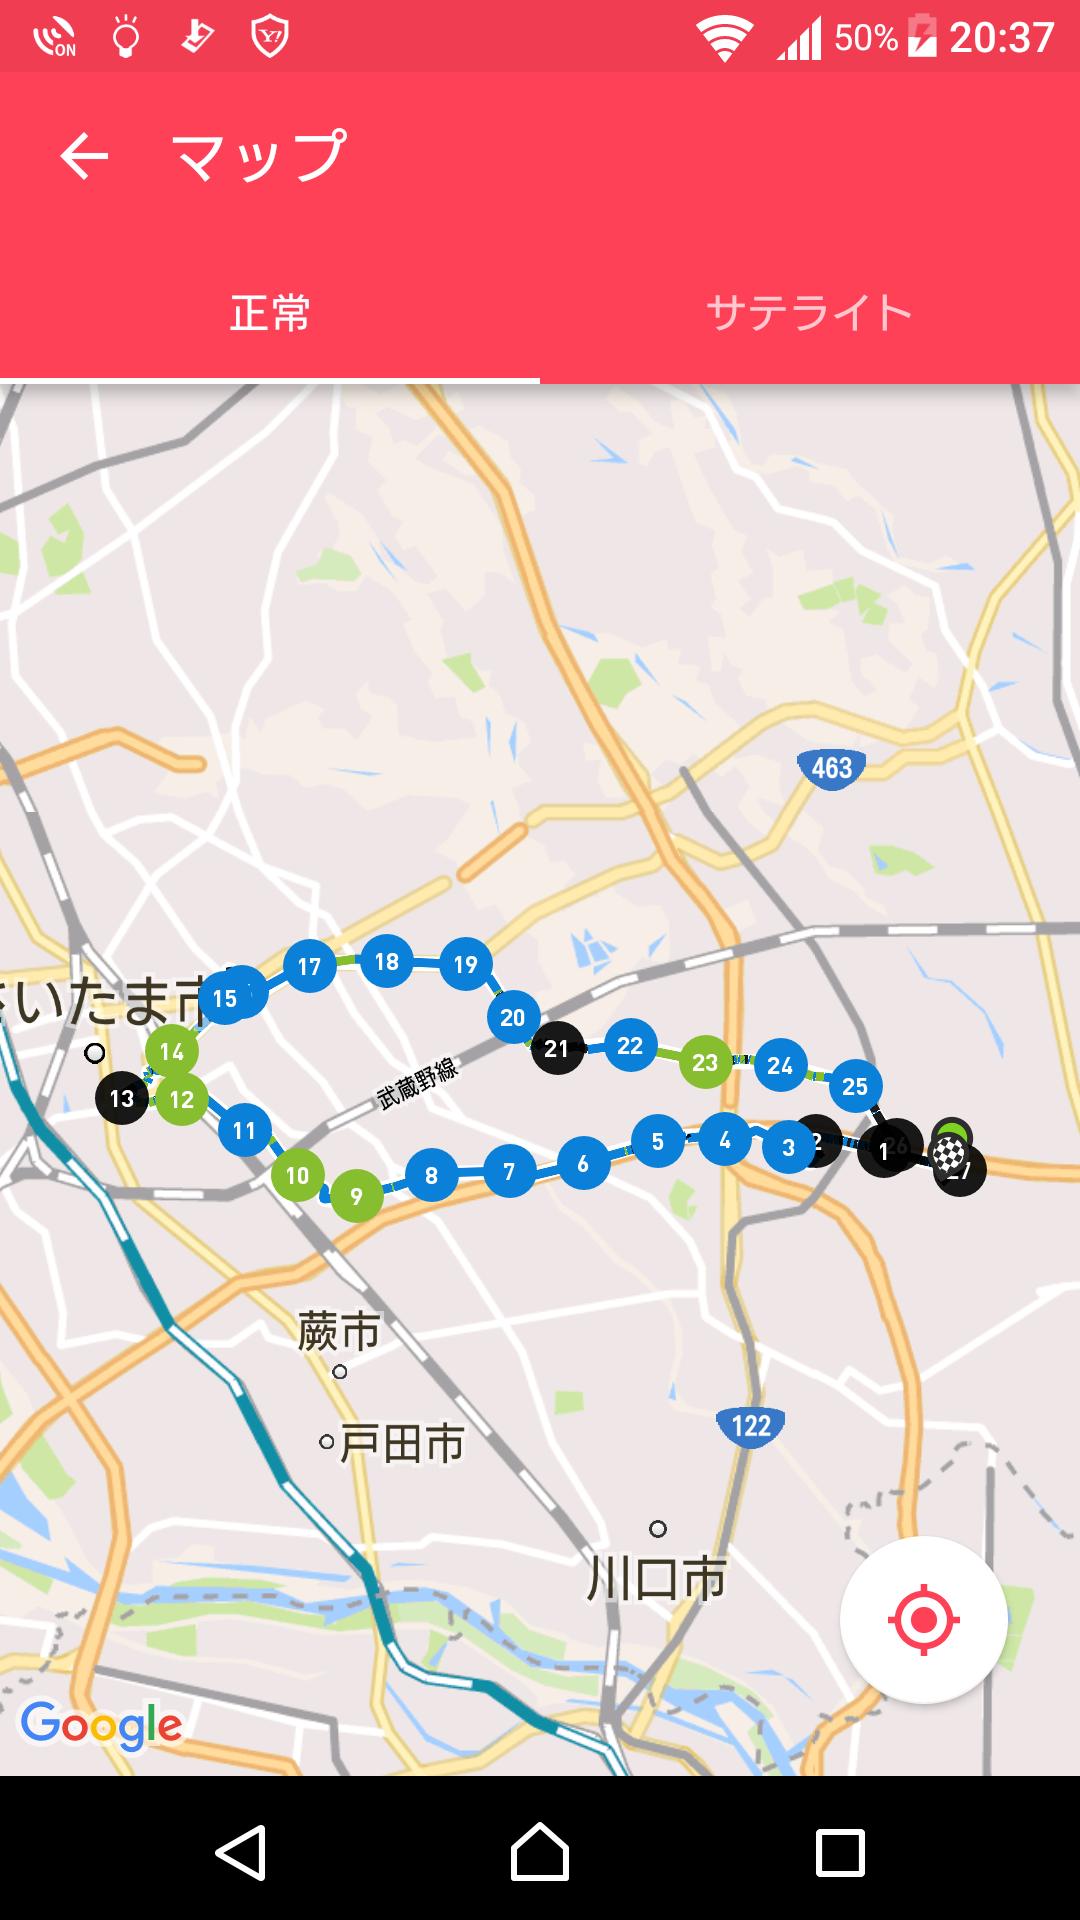 f:id:ynakayama27:20170201205122p:plain